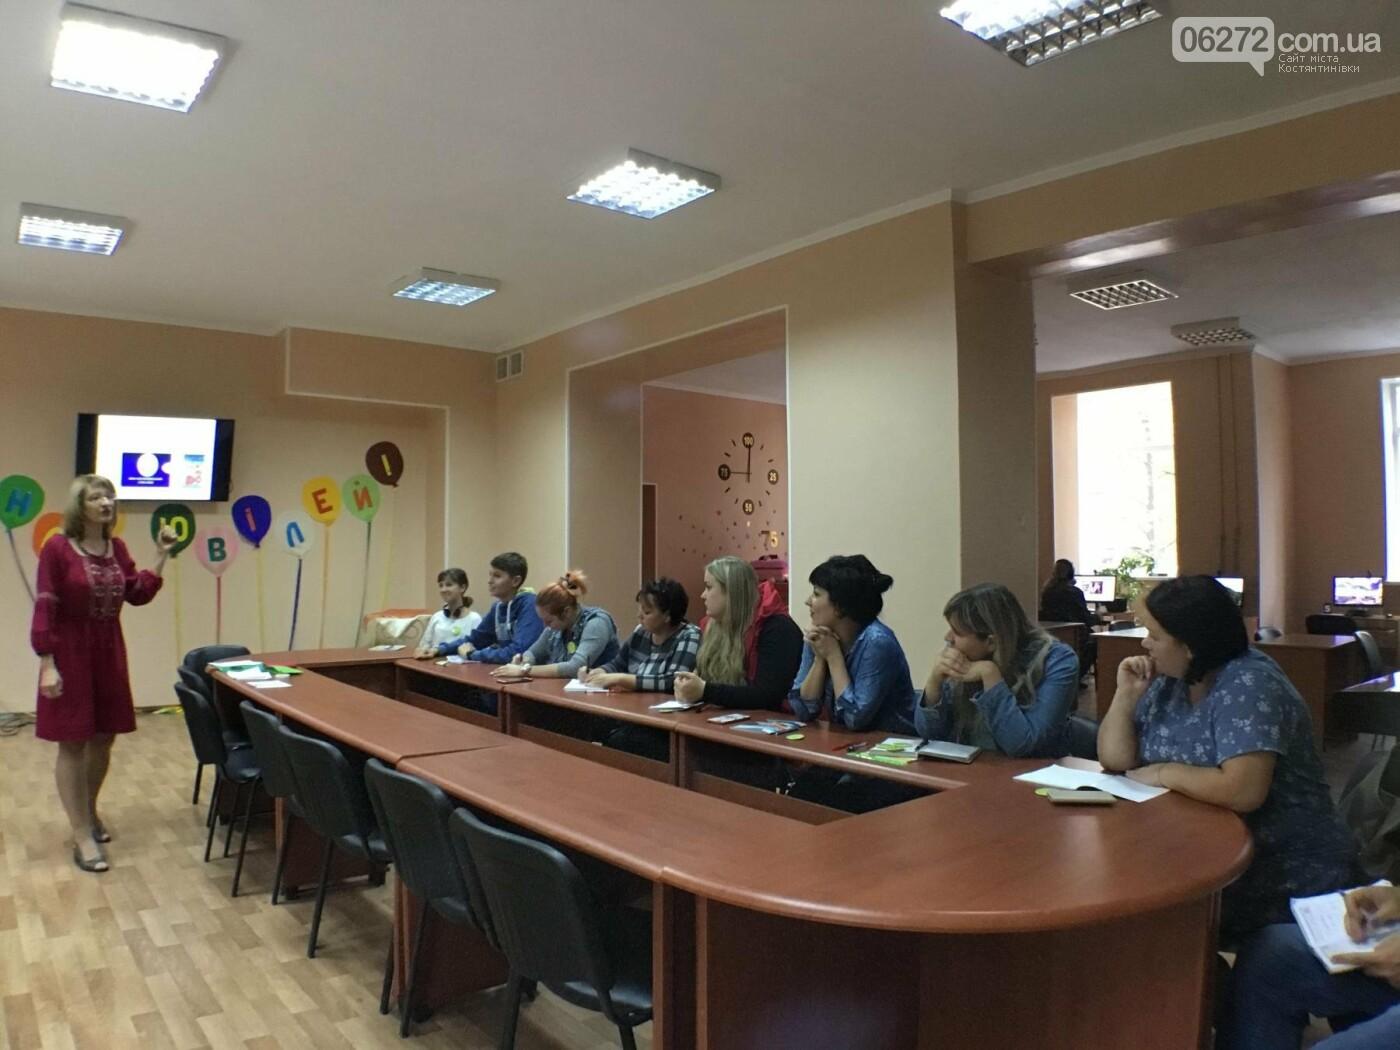 У Костянтиівці стартували Безкоштовні курси української мови, фото-1